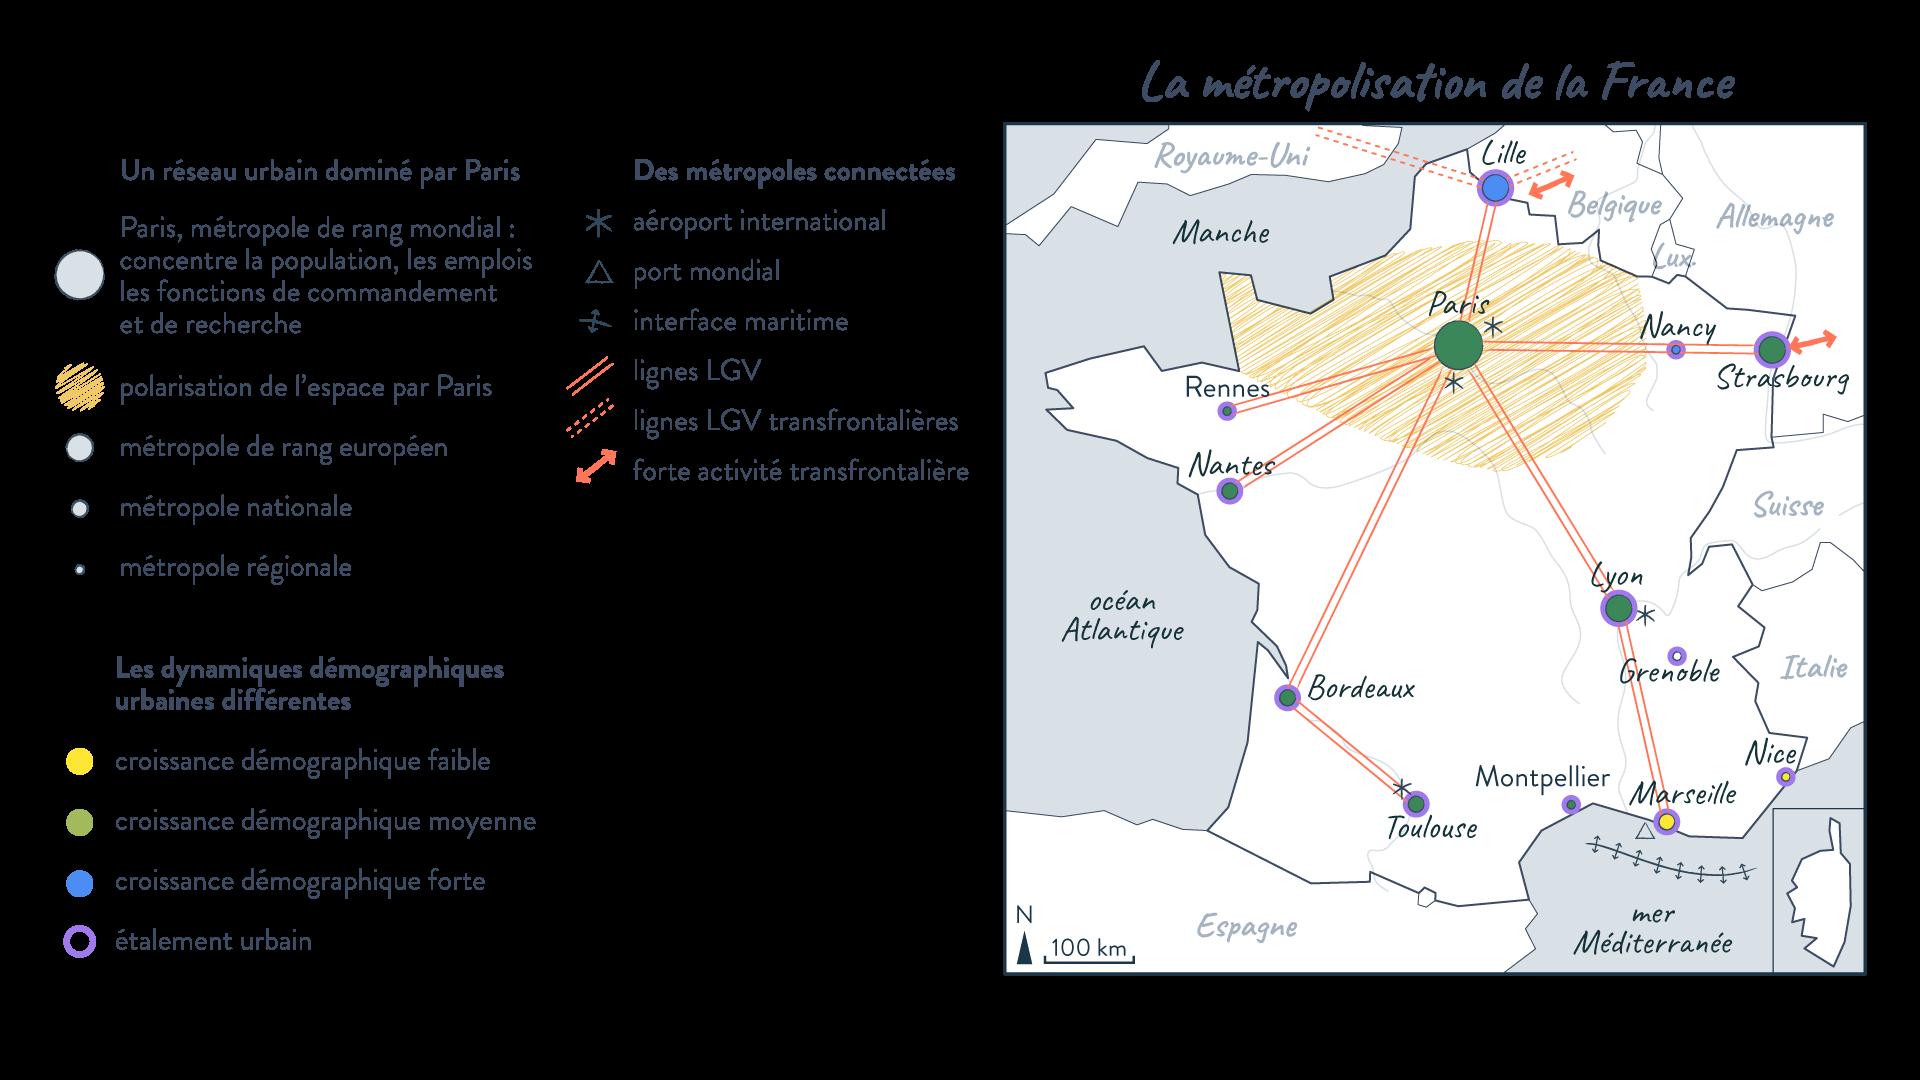 Carte sujet 0 - La métropolisation de la France - histoire schoolmouv 1re